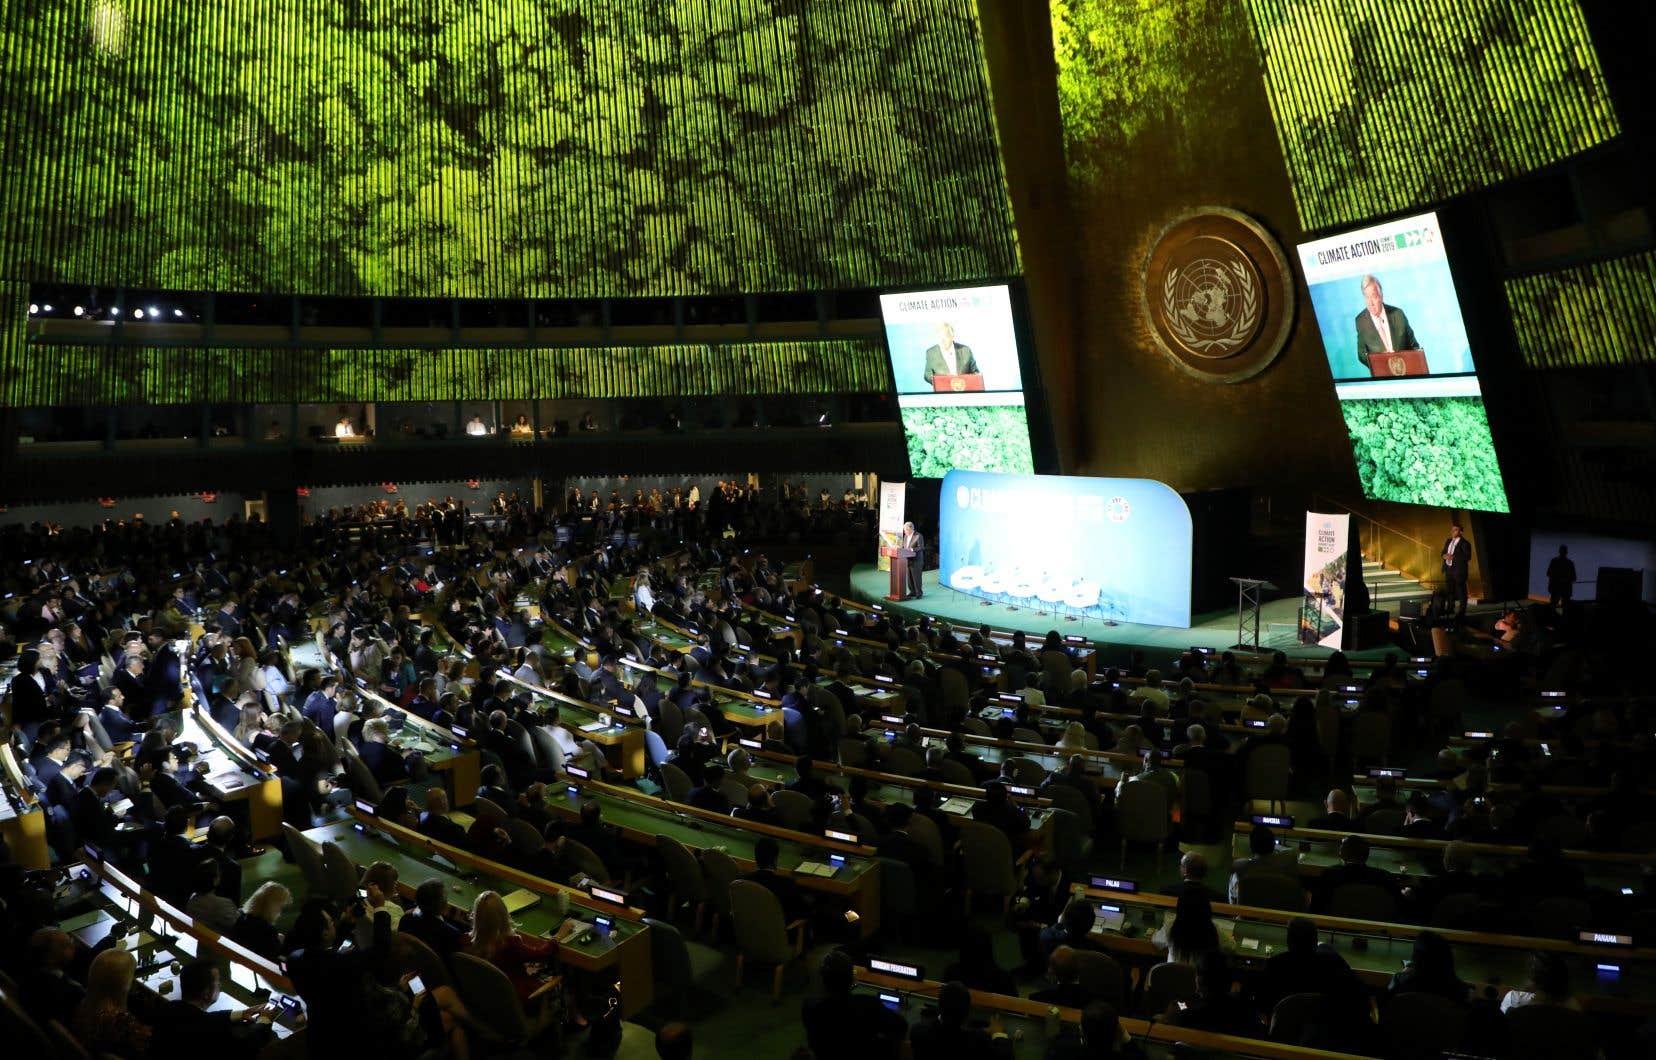 Les établissements bancaires doivent mettre les bouchées doubles pour mieux aligner leurs stratégies sur les objectifs de développement durable des Nations unies et de l'Accord de Paris sur le climat.